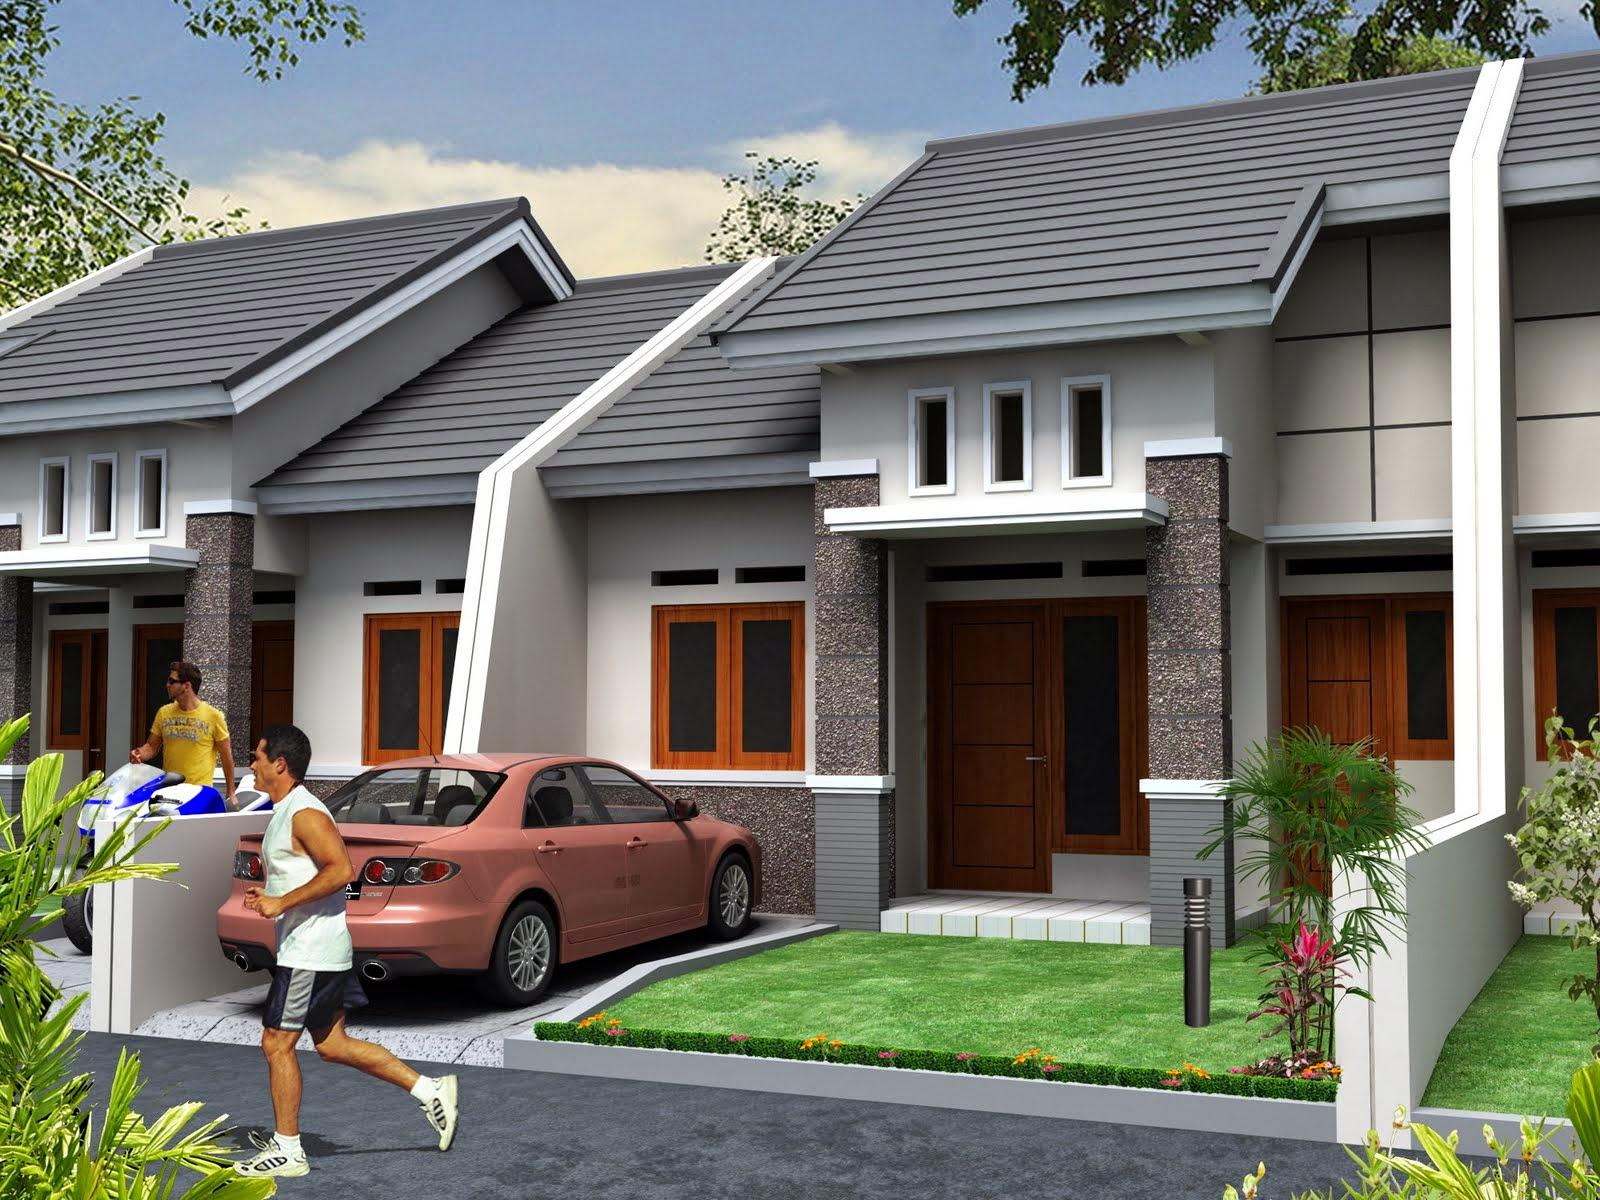 840 Desain Rumah Minimalis Terbaru